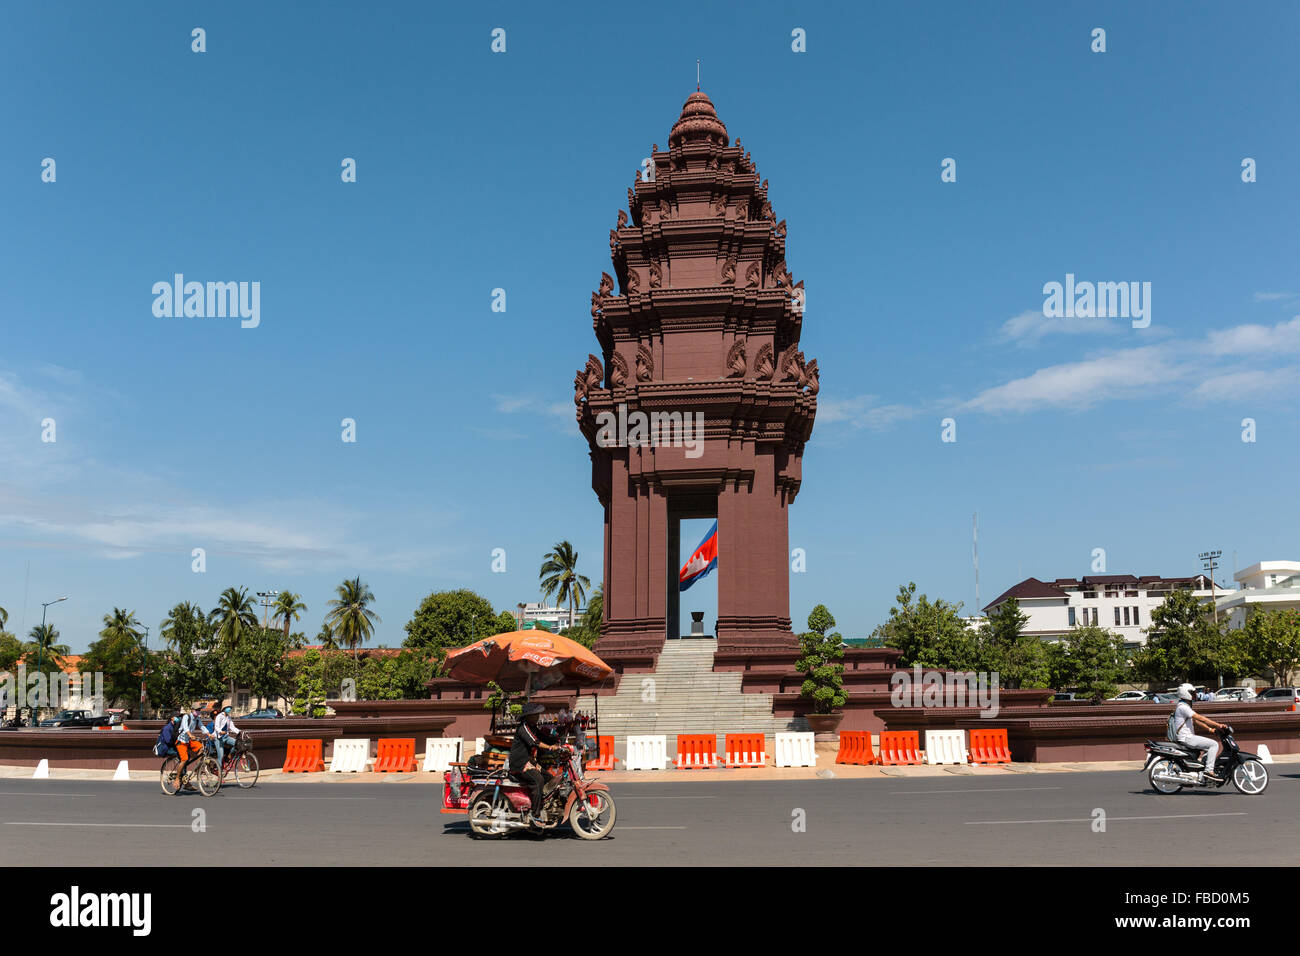 Au rond-point, le Monument de l'indépendance, Phnom Penh, Cambodge Photo Stock